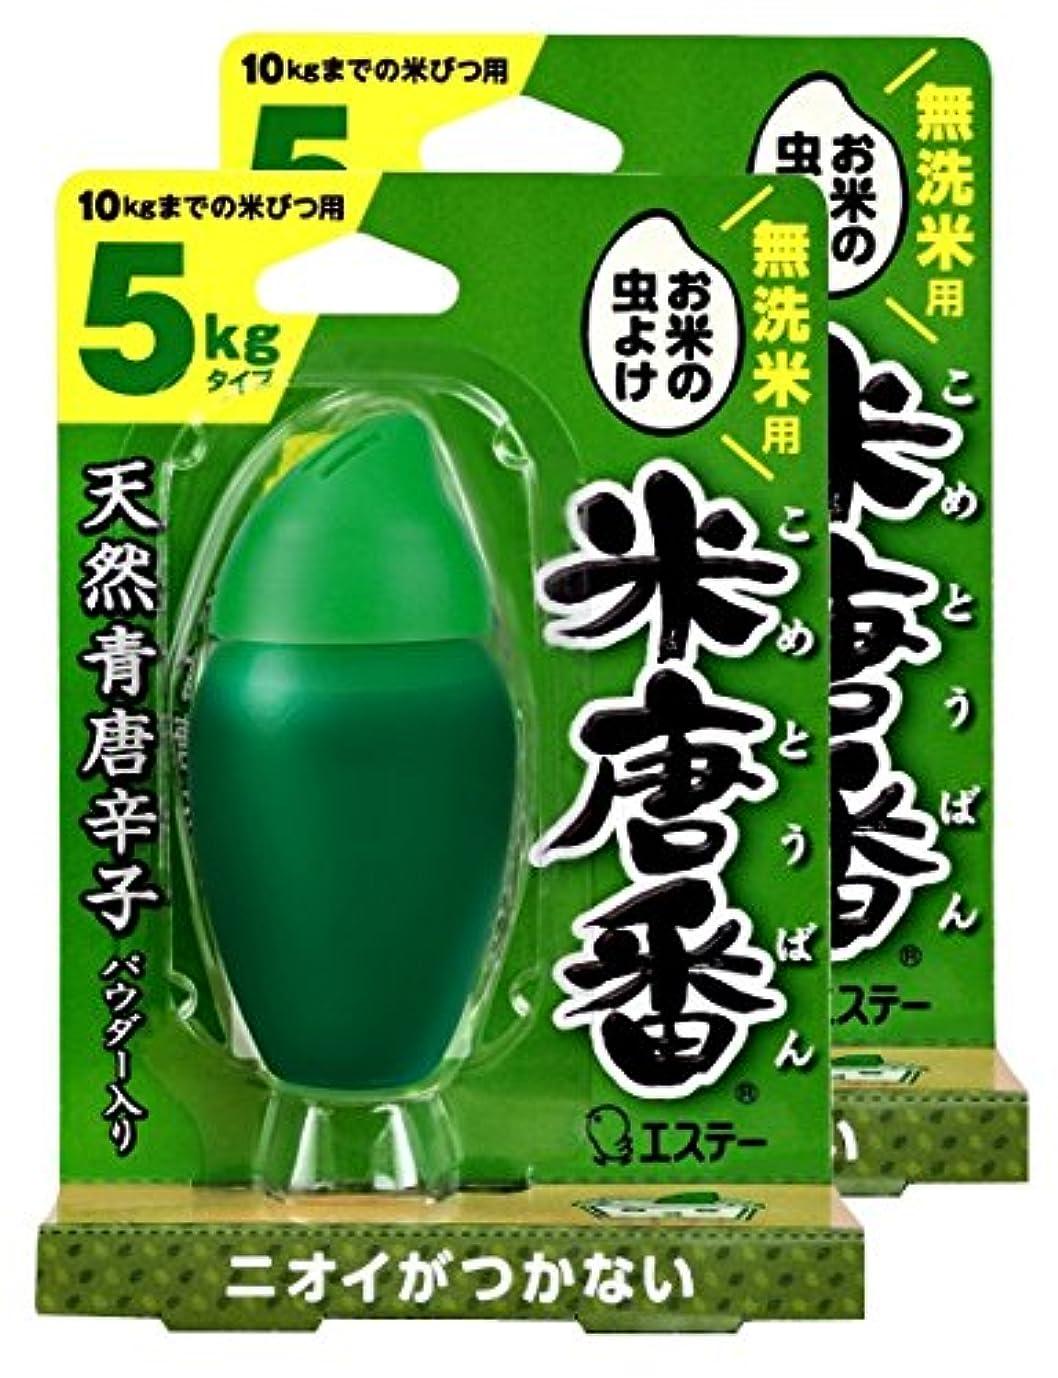 文言タヒチ爆発【まとめ買い】 米唐番 無洗米用 米びつ用防虫剤 5kgタイプ 25g×2個